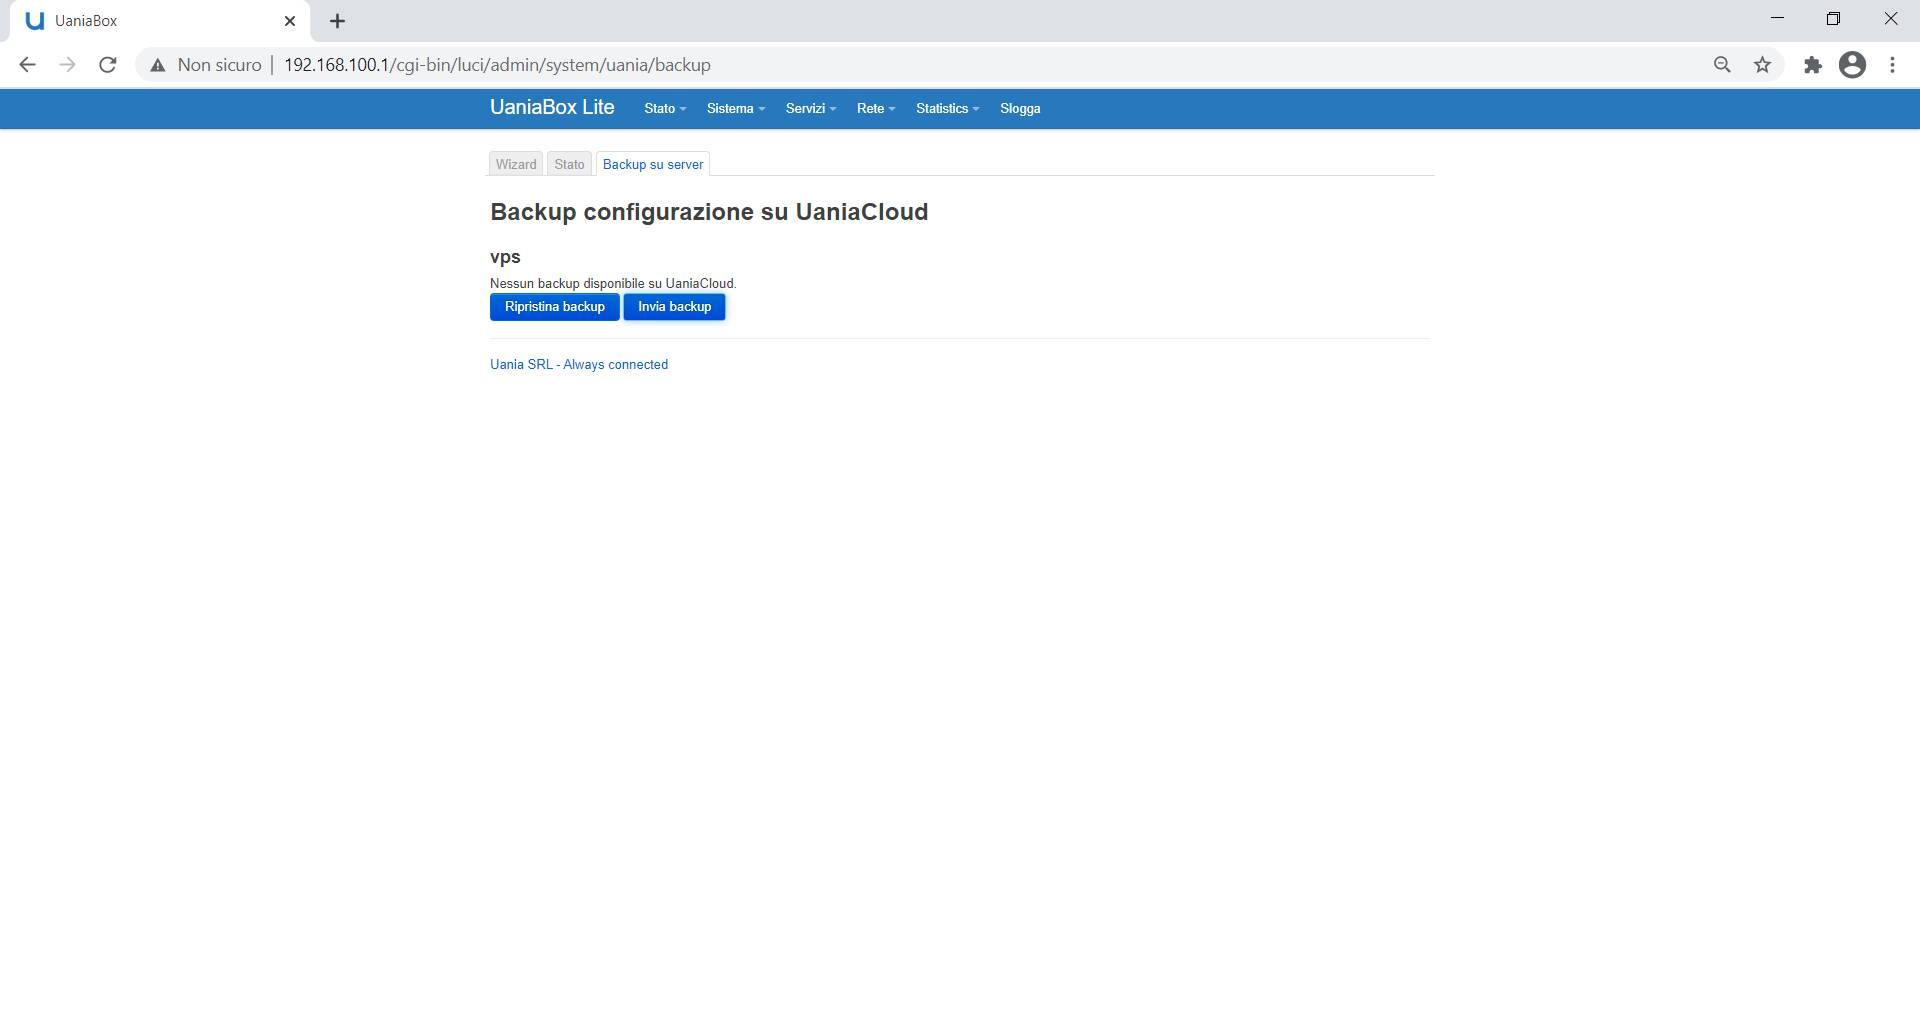 UaniaBox - Backup